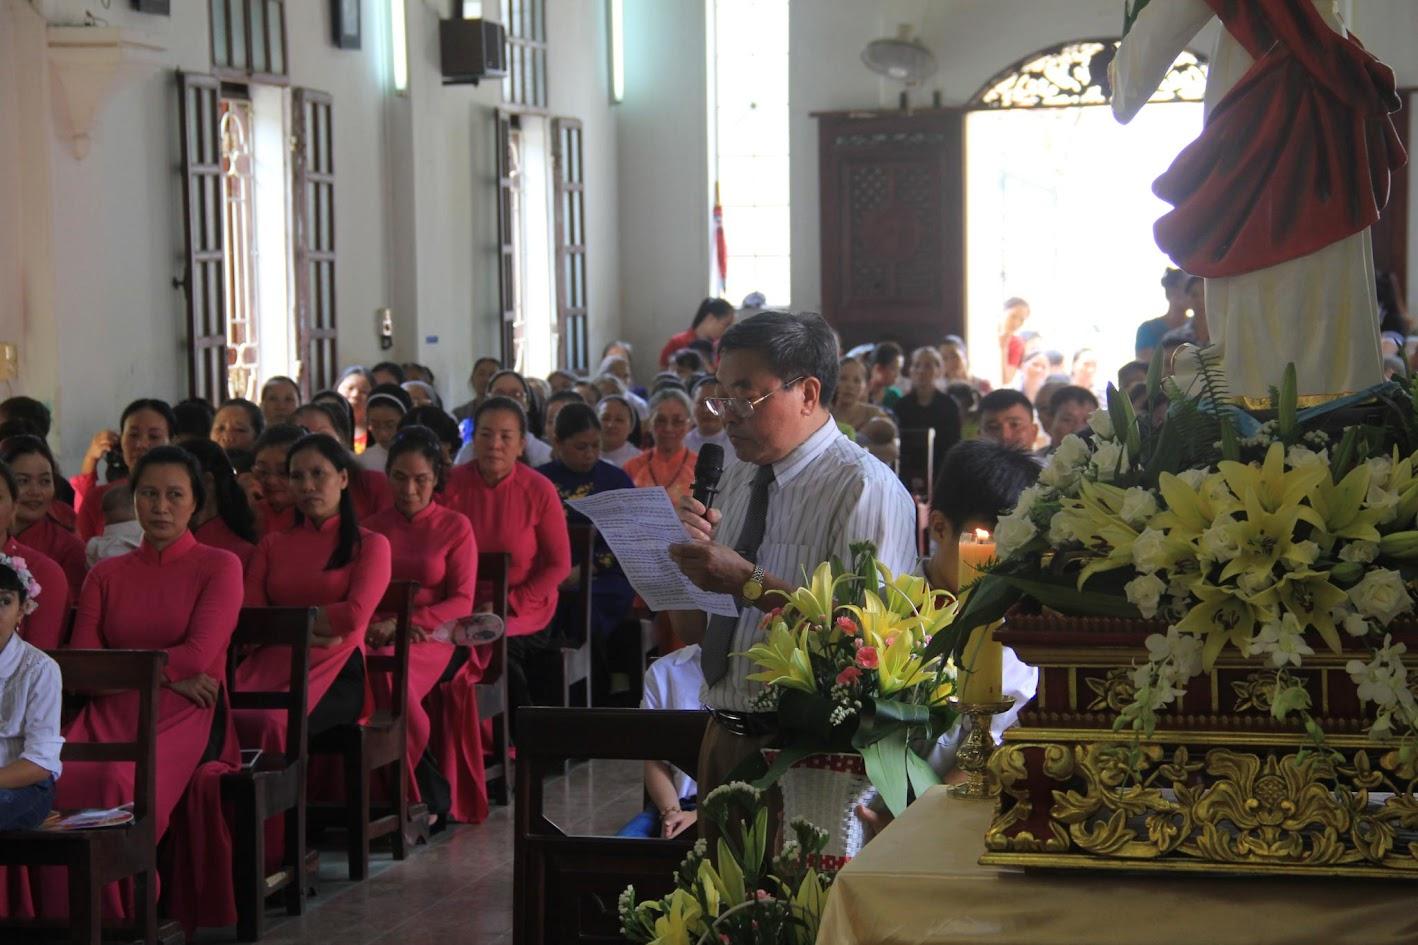 Giáo xứ Ngạn Sơn: Thánh lễ Bổn mạng và Làm phép Nhà mới - Ảnh minh hoạ 20